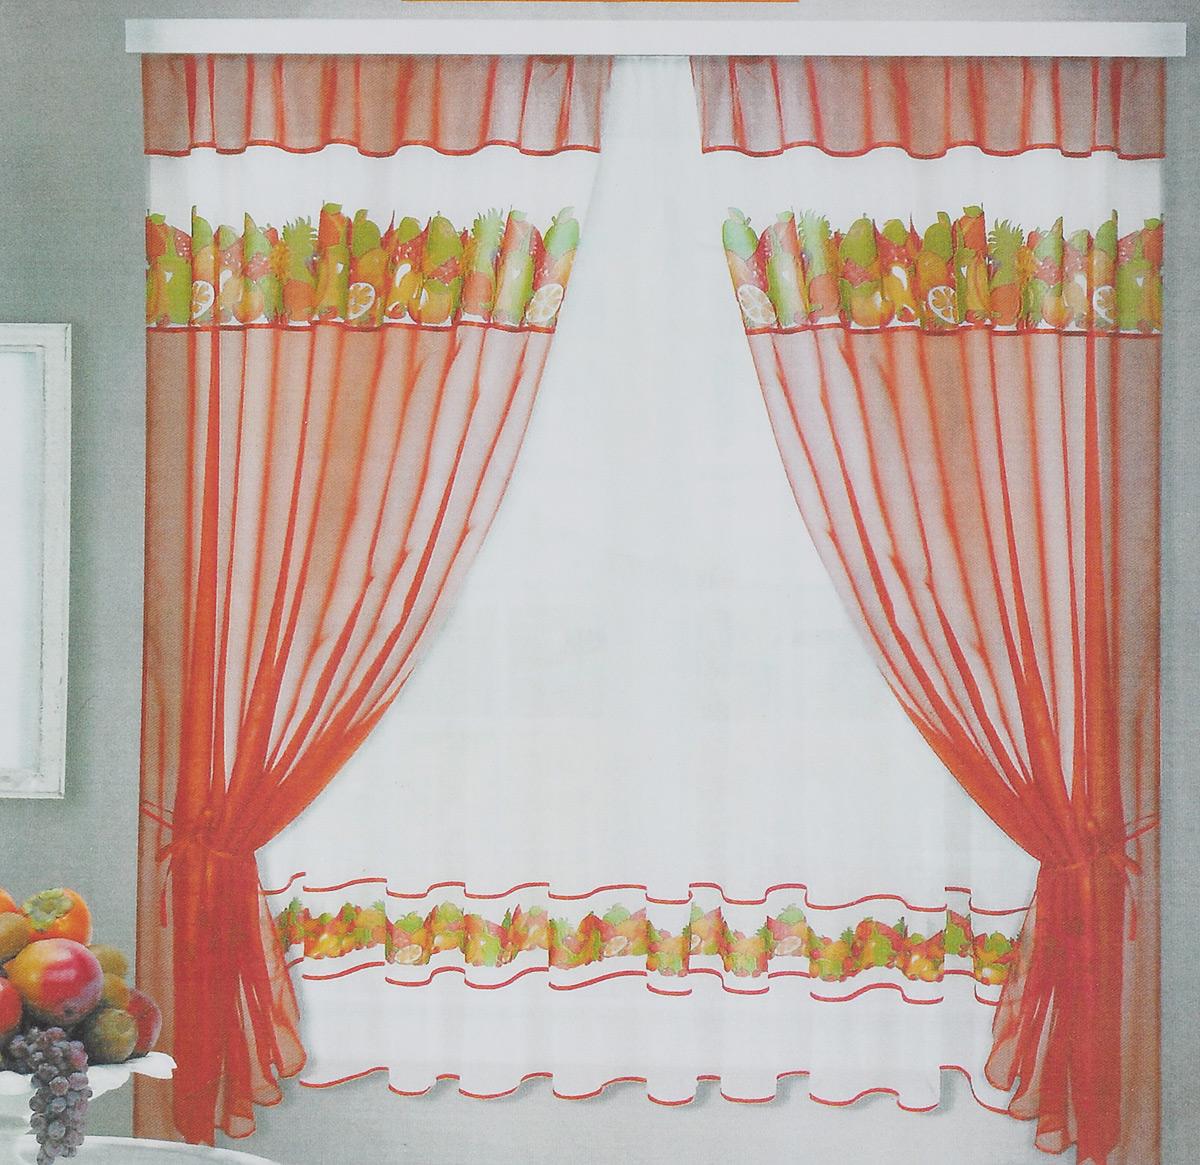 Комплект штор для кухни Фруктовая поляна, на ленте, цвет: светло-коричневый, белый, 5 предметов86157_светло-коричневыйКомплект штор для кухни Фруктовая поляна, на ленте, цвет: светло-коричневый, белый, 5 предметов